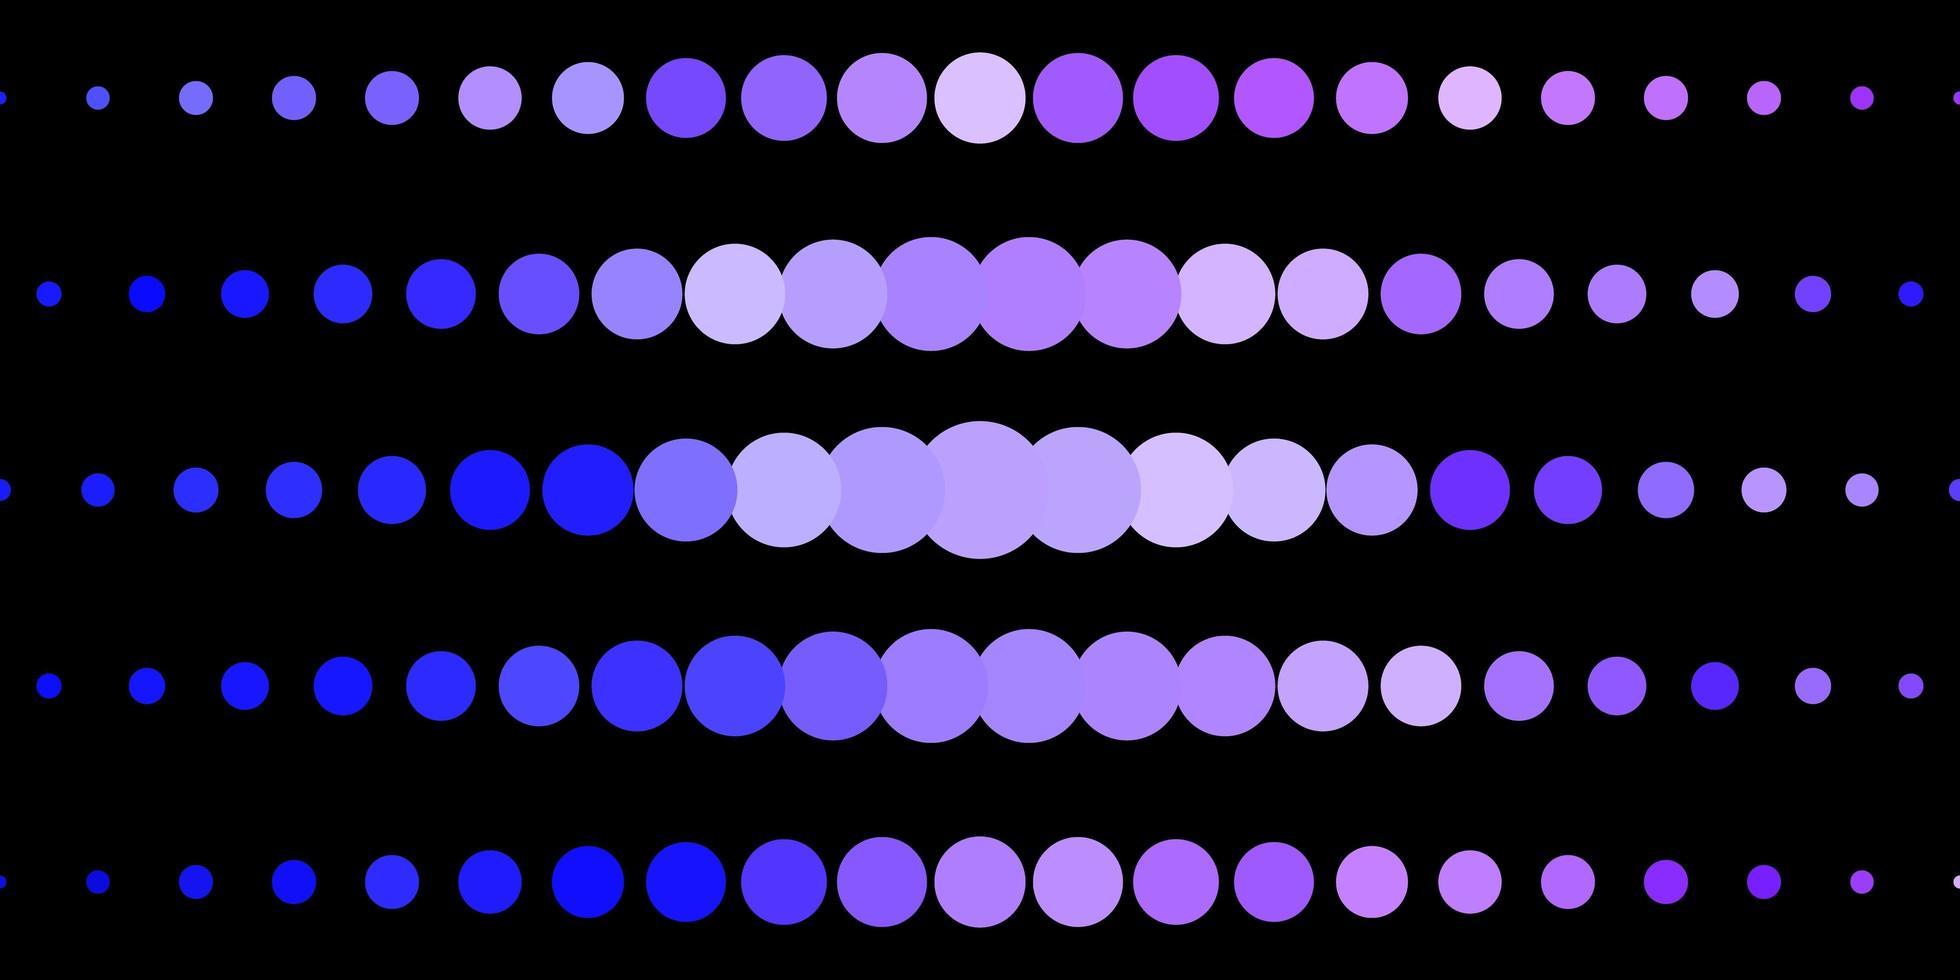 dunkelrosa, blauer Vektorhintergrund mit Flecken. vektor